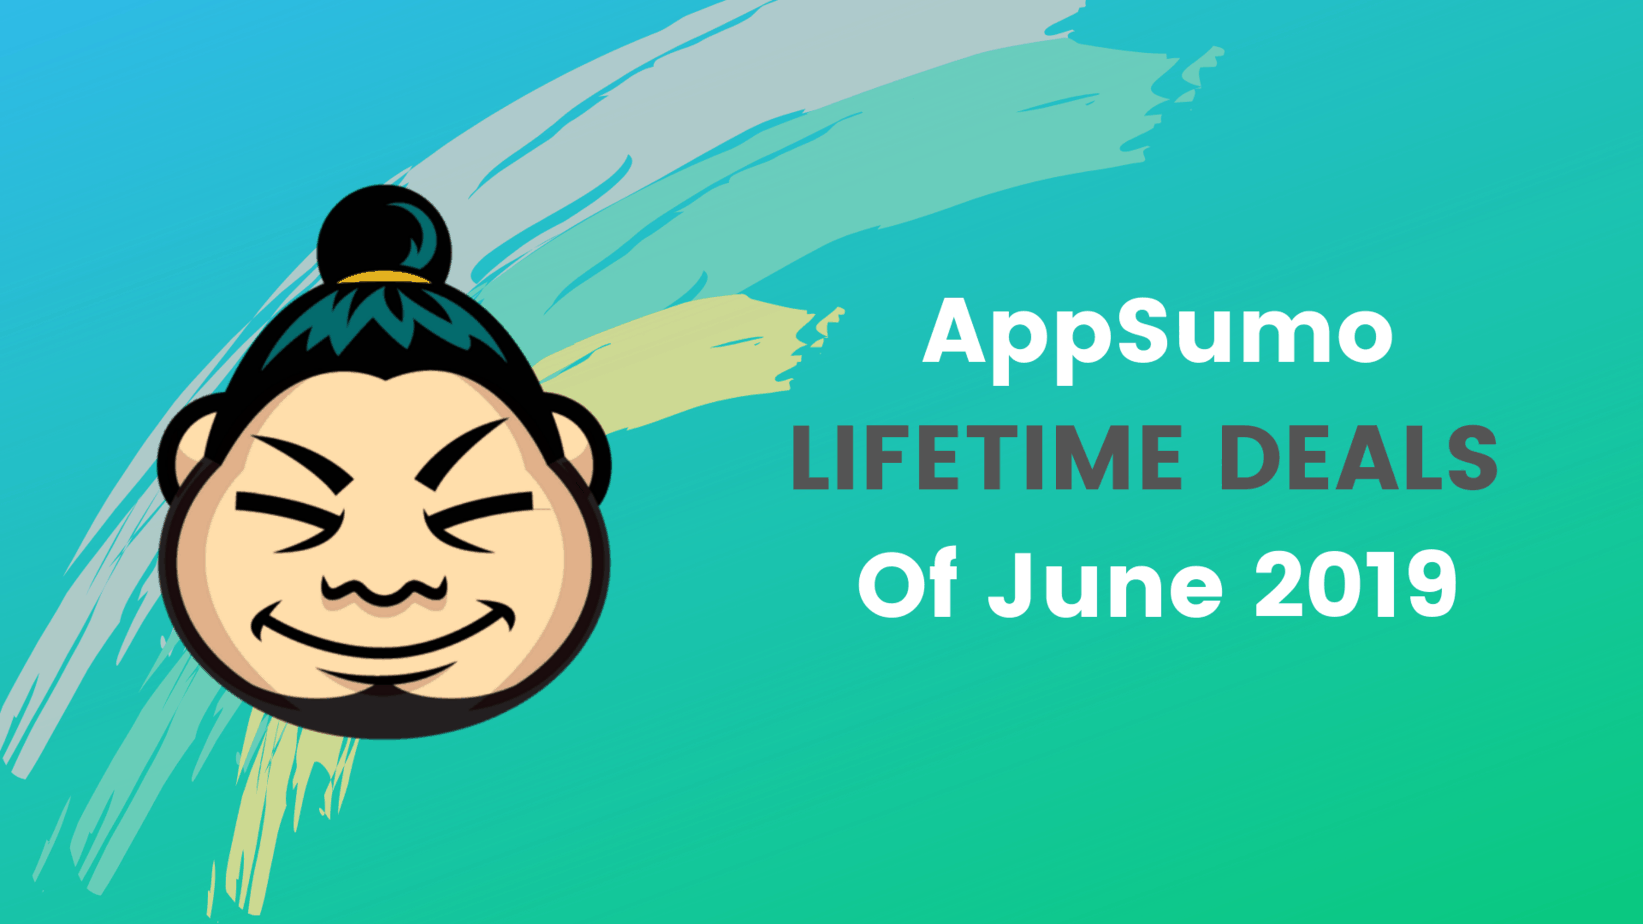 AppSumo Deals: Get The Top Best Deals Of July 2018